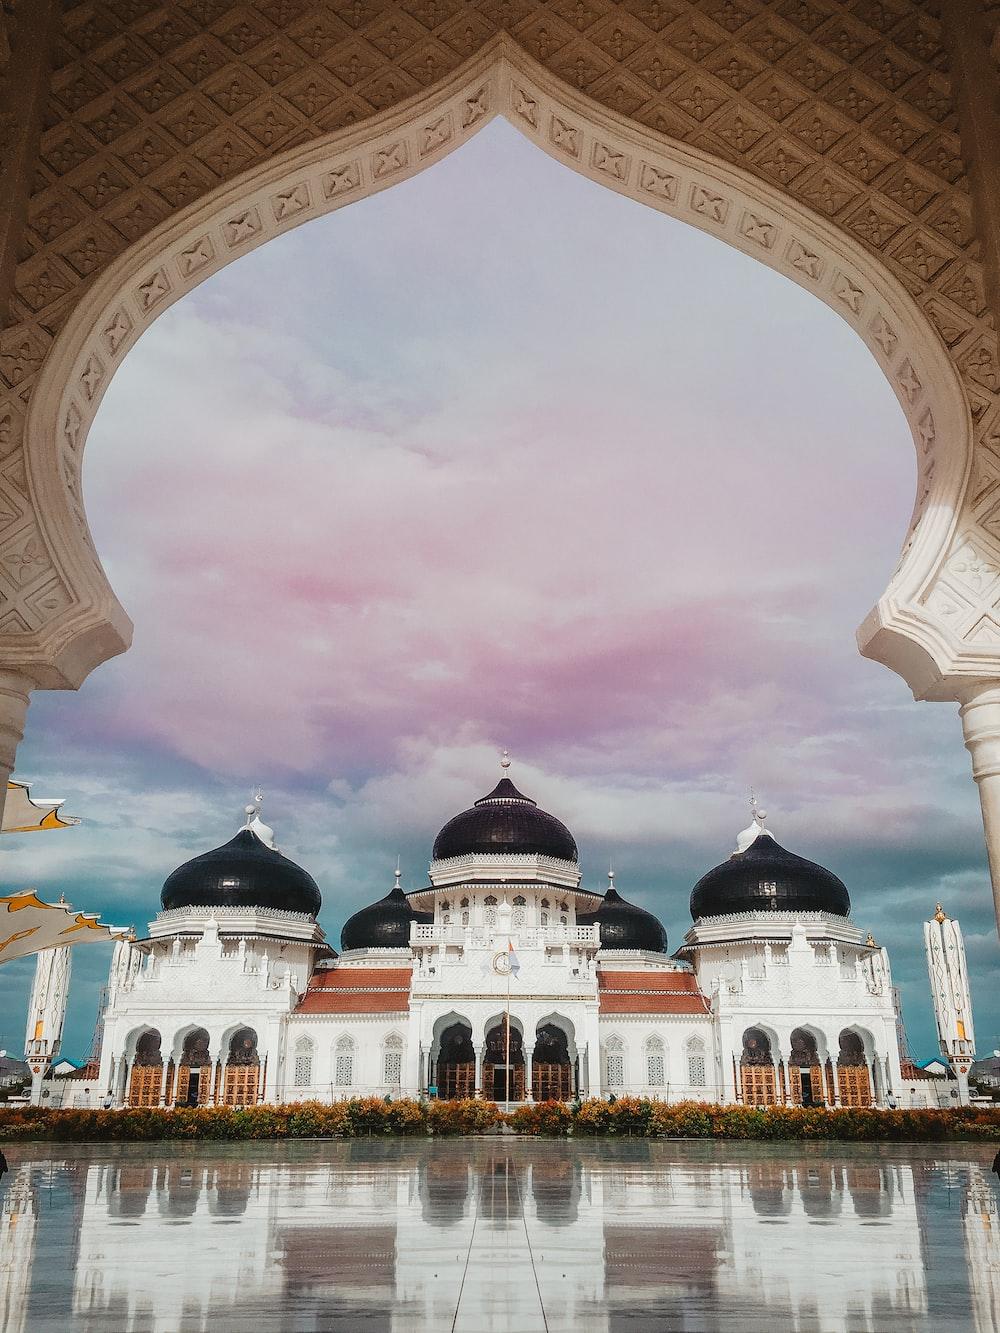 Free Masjid Raya Baiturrahman Image On Unsplash